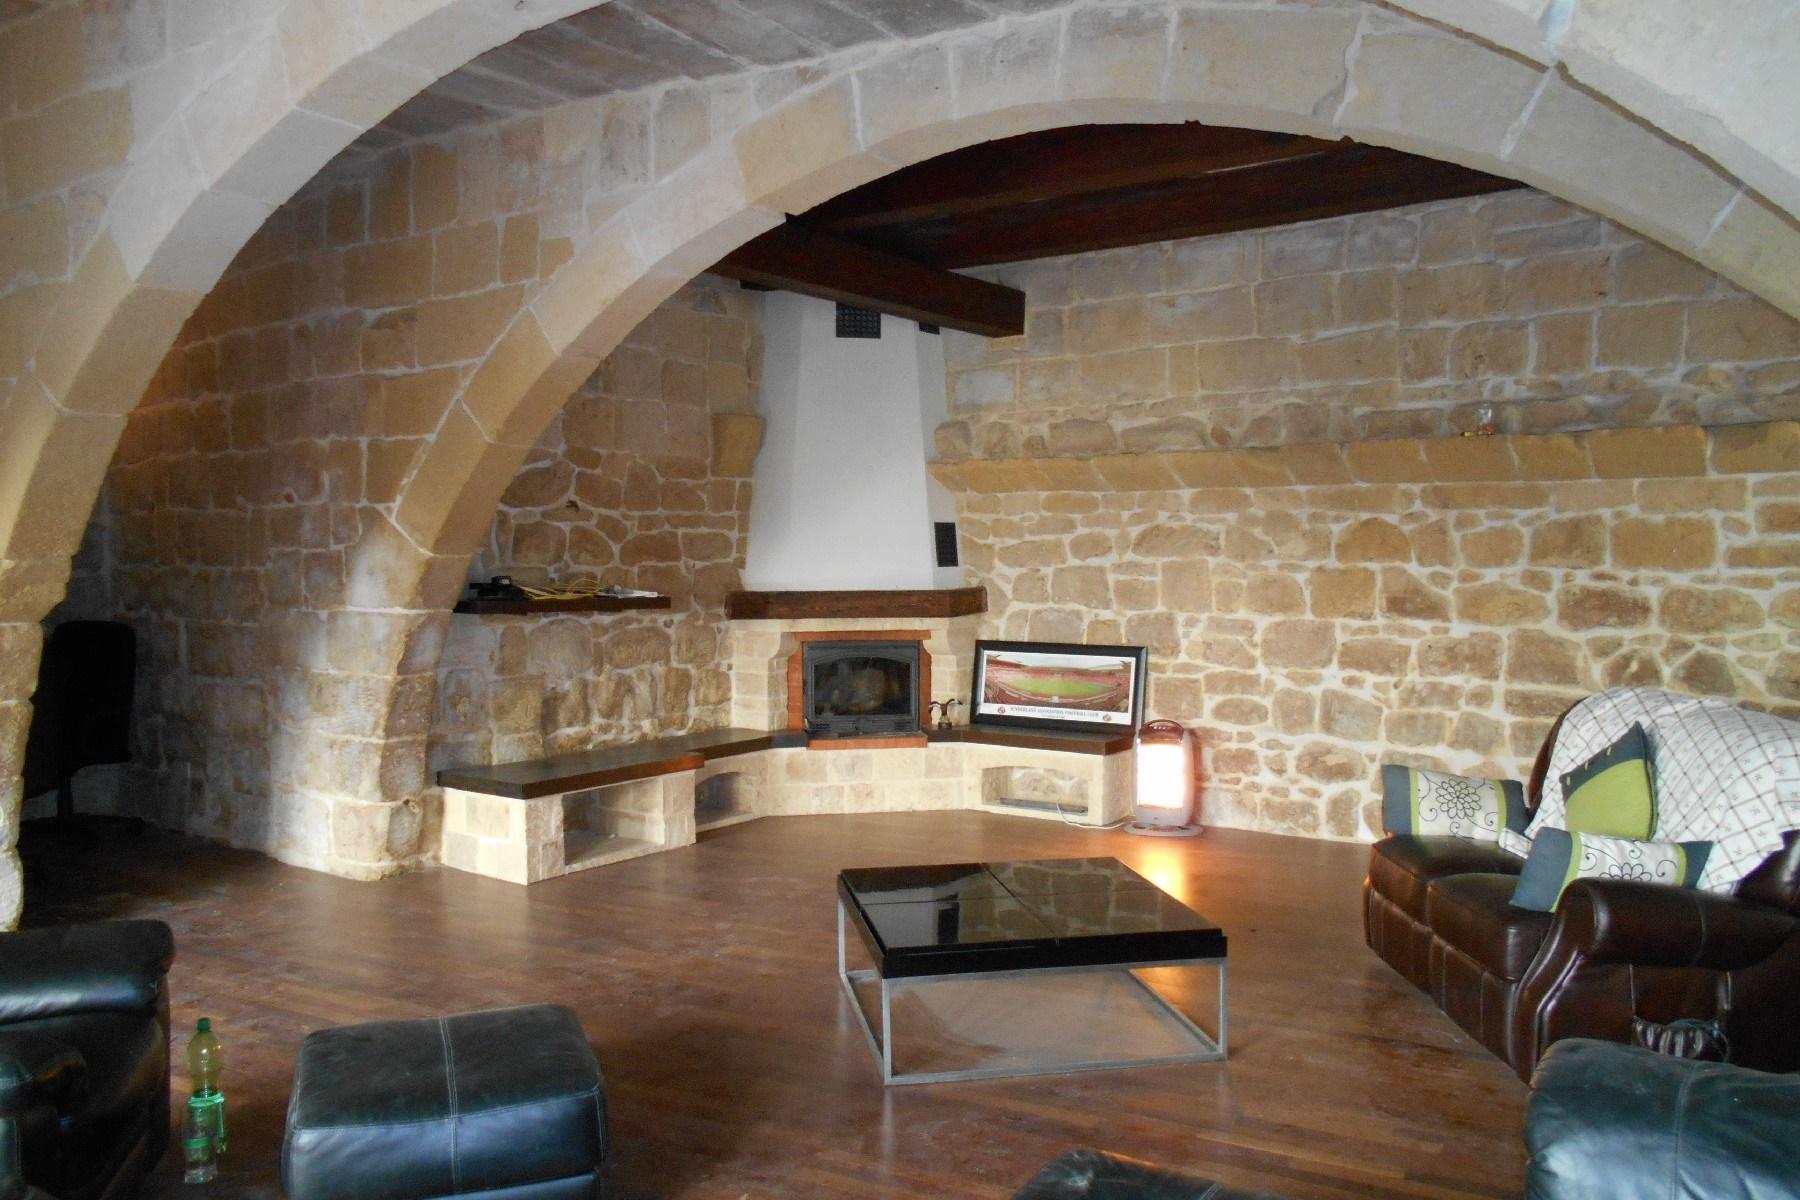 Другая жилая недвижимость для того Продажа на Zejtun, House of Character Zejtun, Мальта